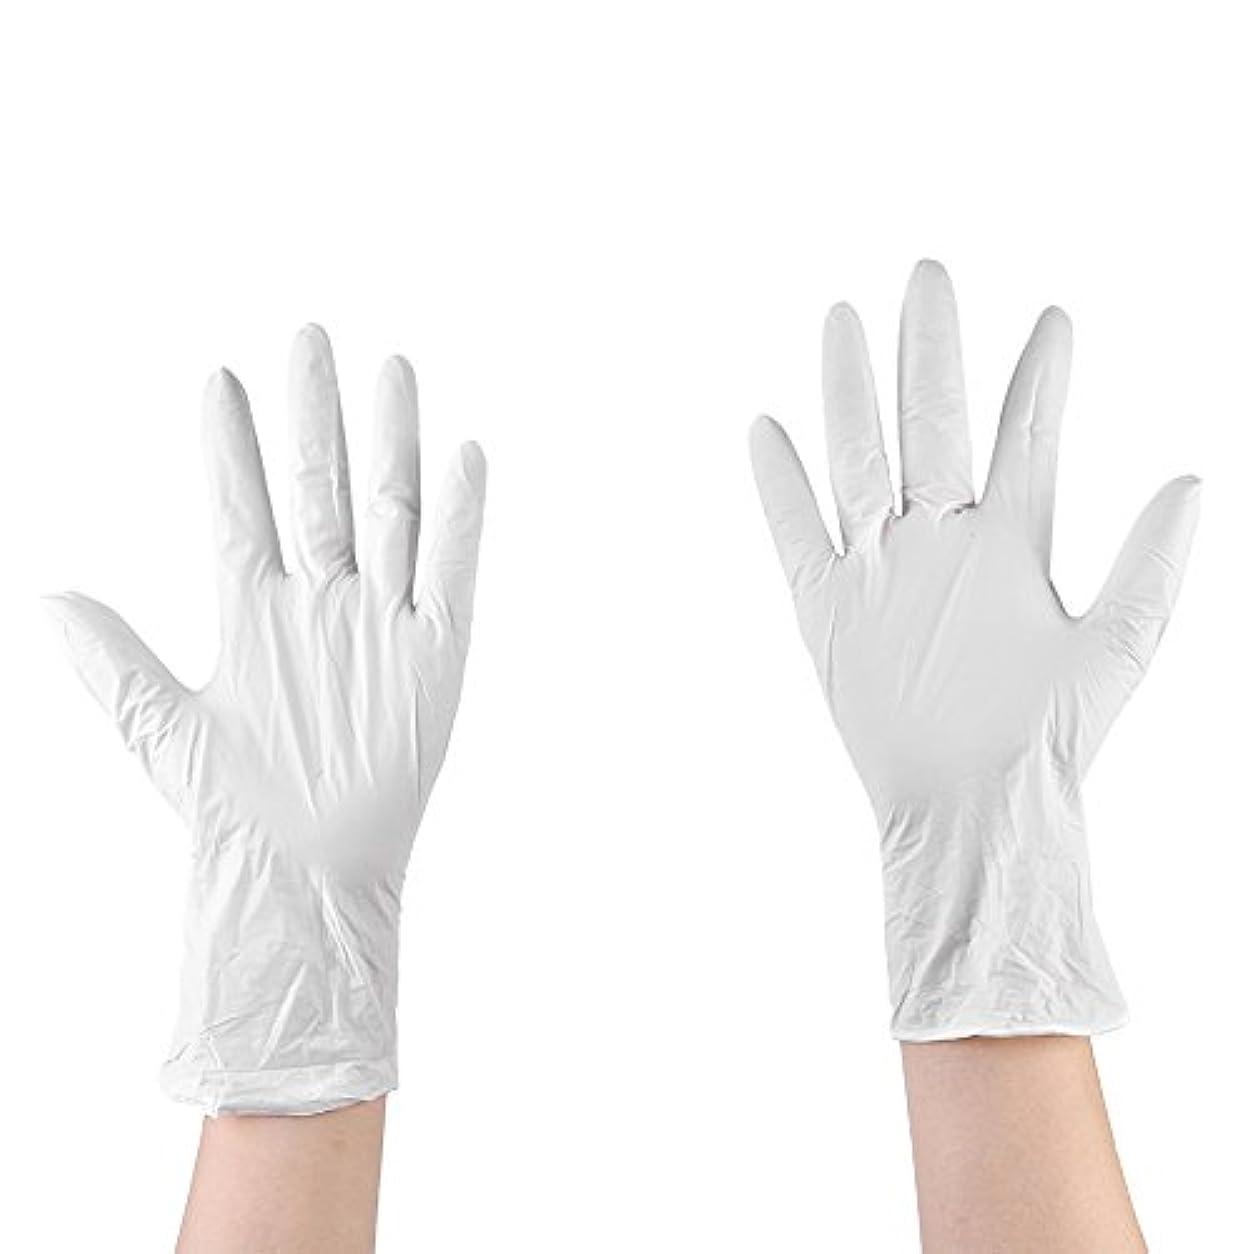 変える上有利使い捨て手袋 ニトリルグローブ ホワイト 粉なし タトゥー/歯科/病院/研究室に適応 M/L選択可 50枚 左右兼用 作業手袋(M)